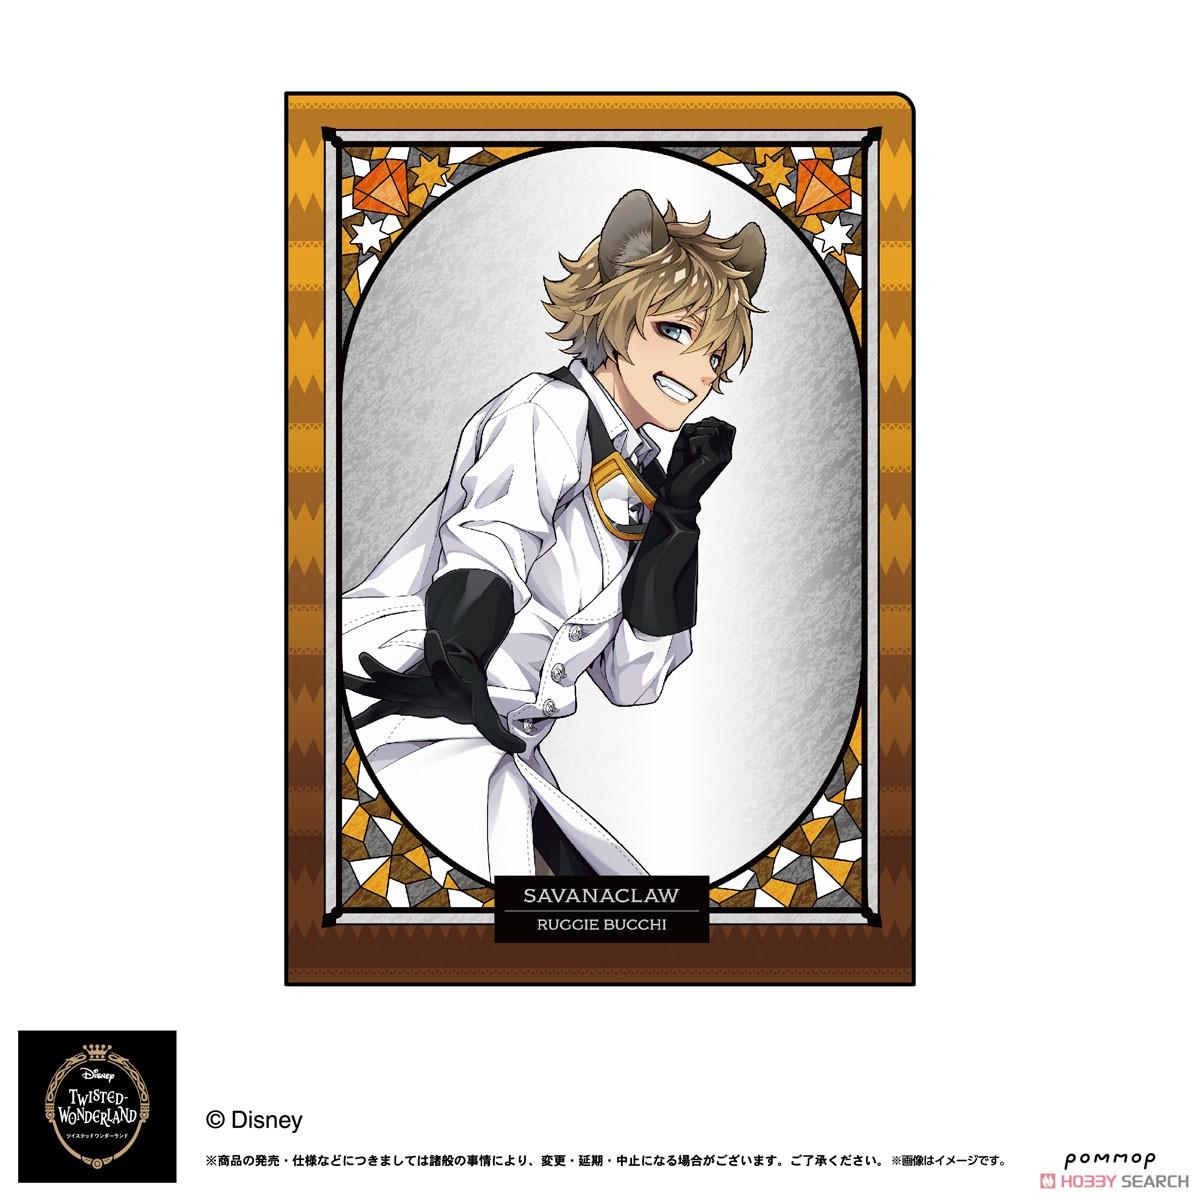 ディズニー ツイステッドワンダーランド『A5ダブルクリアファイルコレクション A』11個入りBOX-009